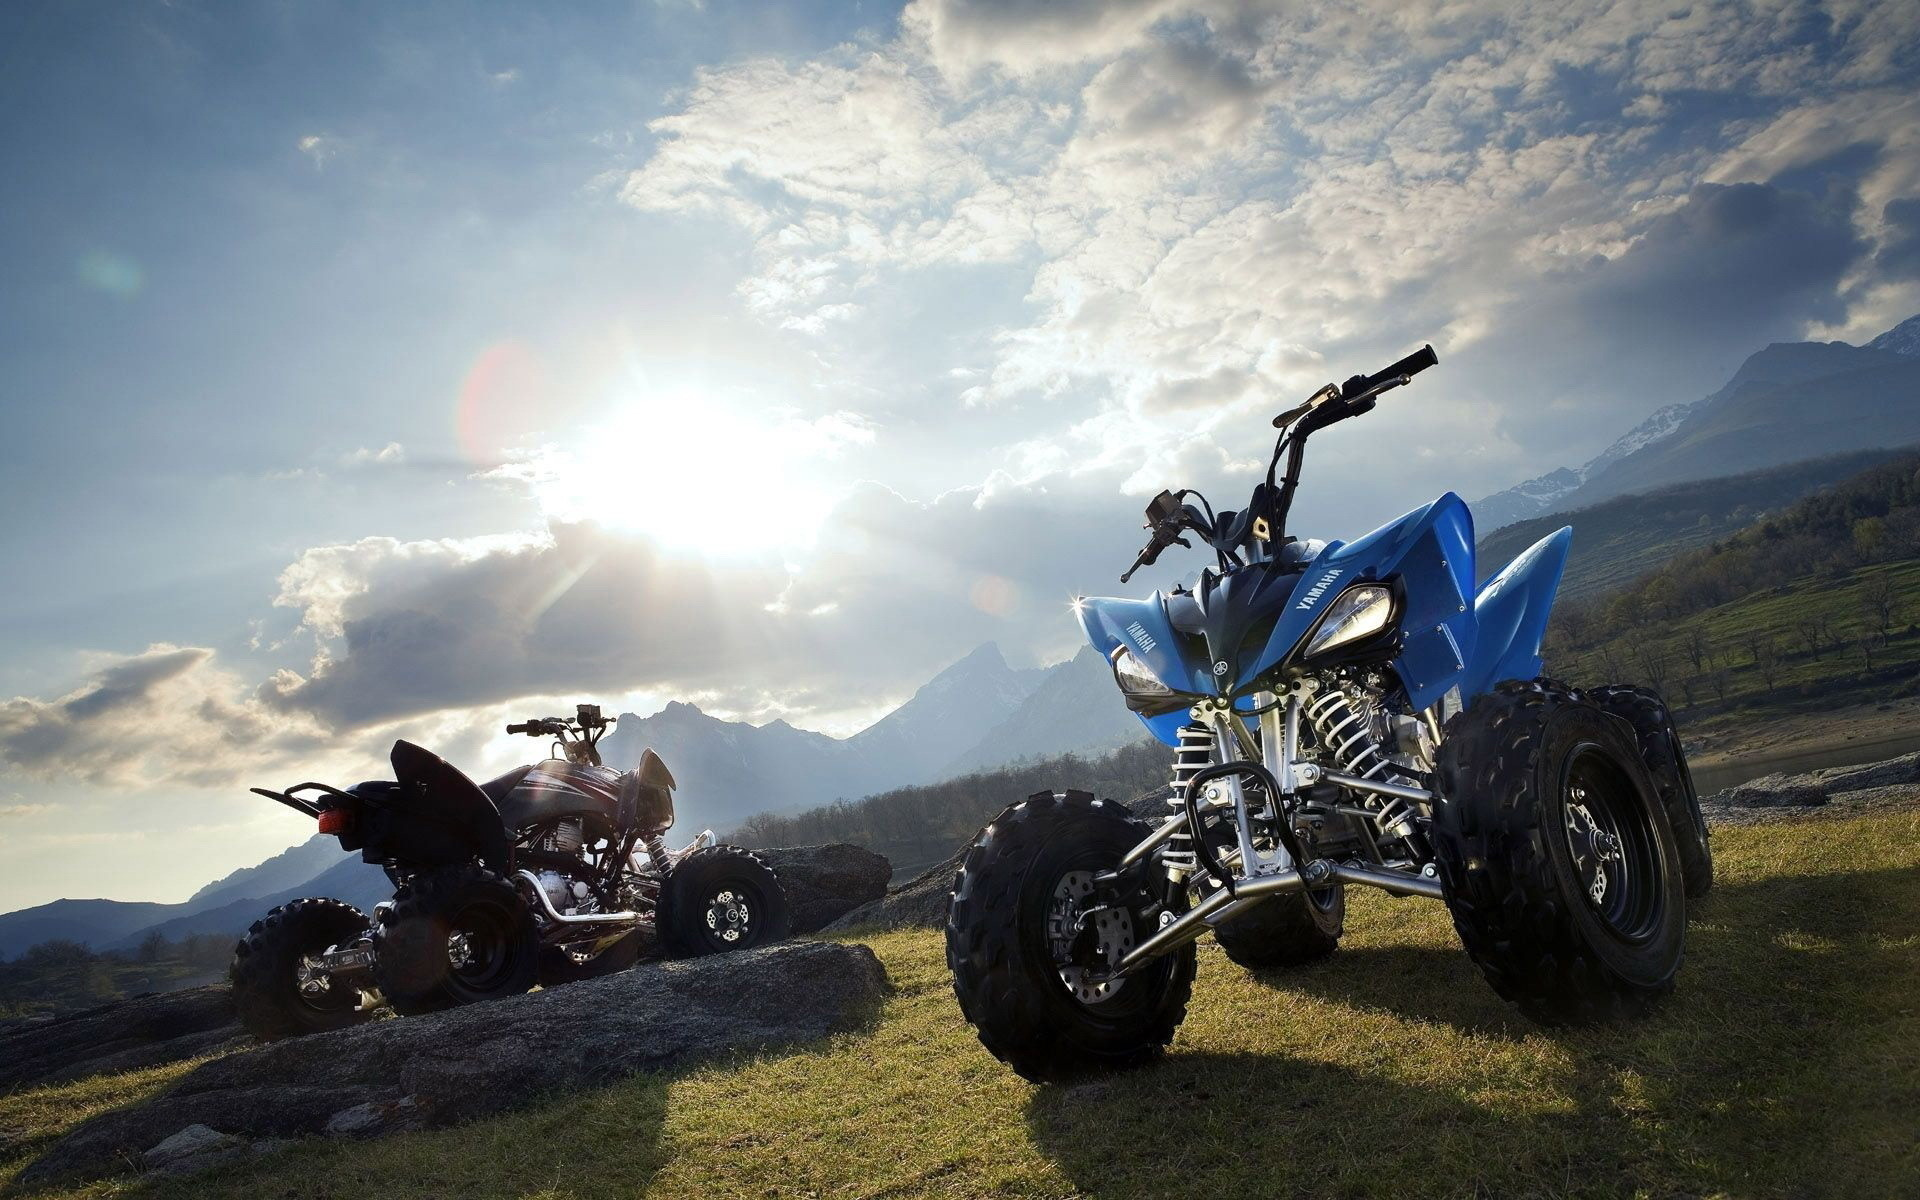 UKMOTO IMPORTATION MOTO ANGLETERRE 4 motorcycle 6 - importateur moto estimation en ligne ukmoto